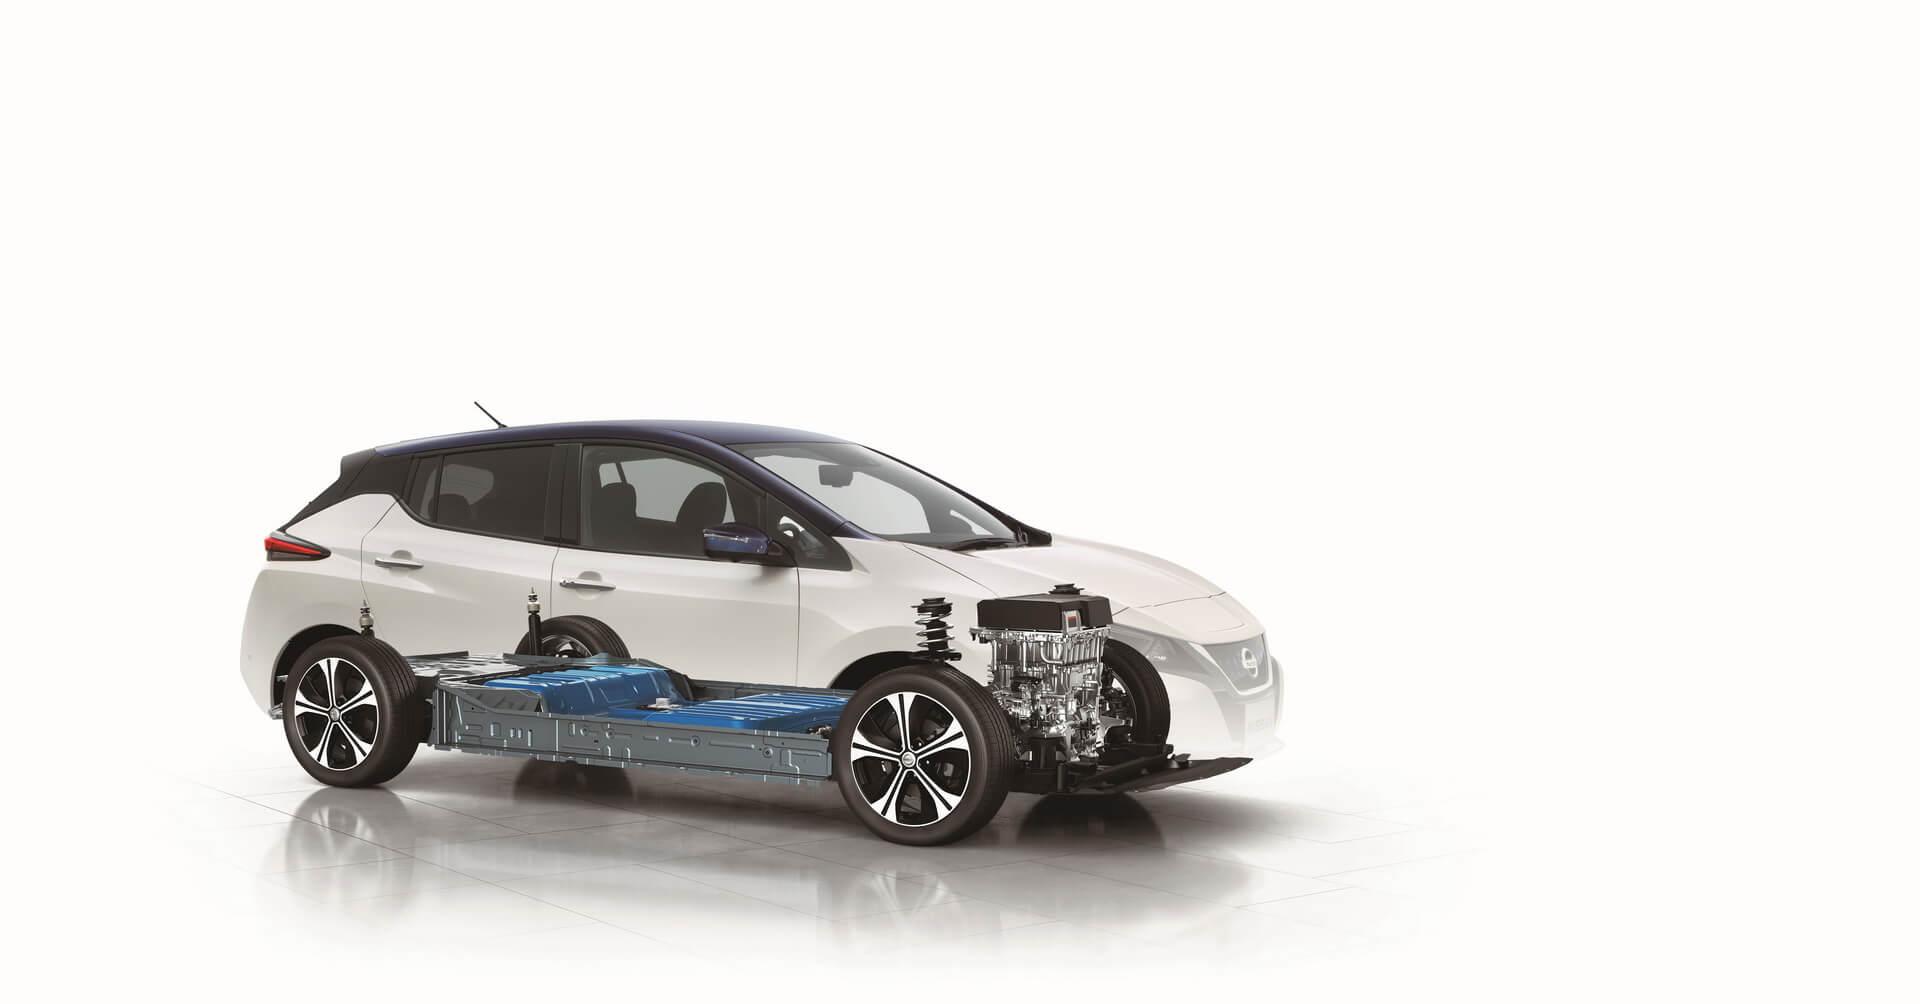 Аккумуляторная батарея, электродвигатель и трансмиссия в Nissan Leaf 2018